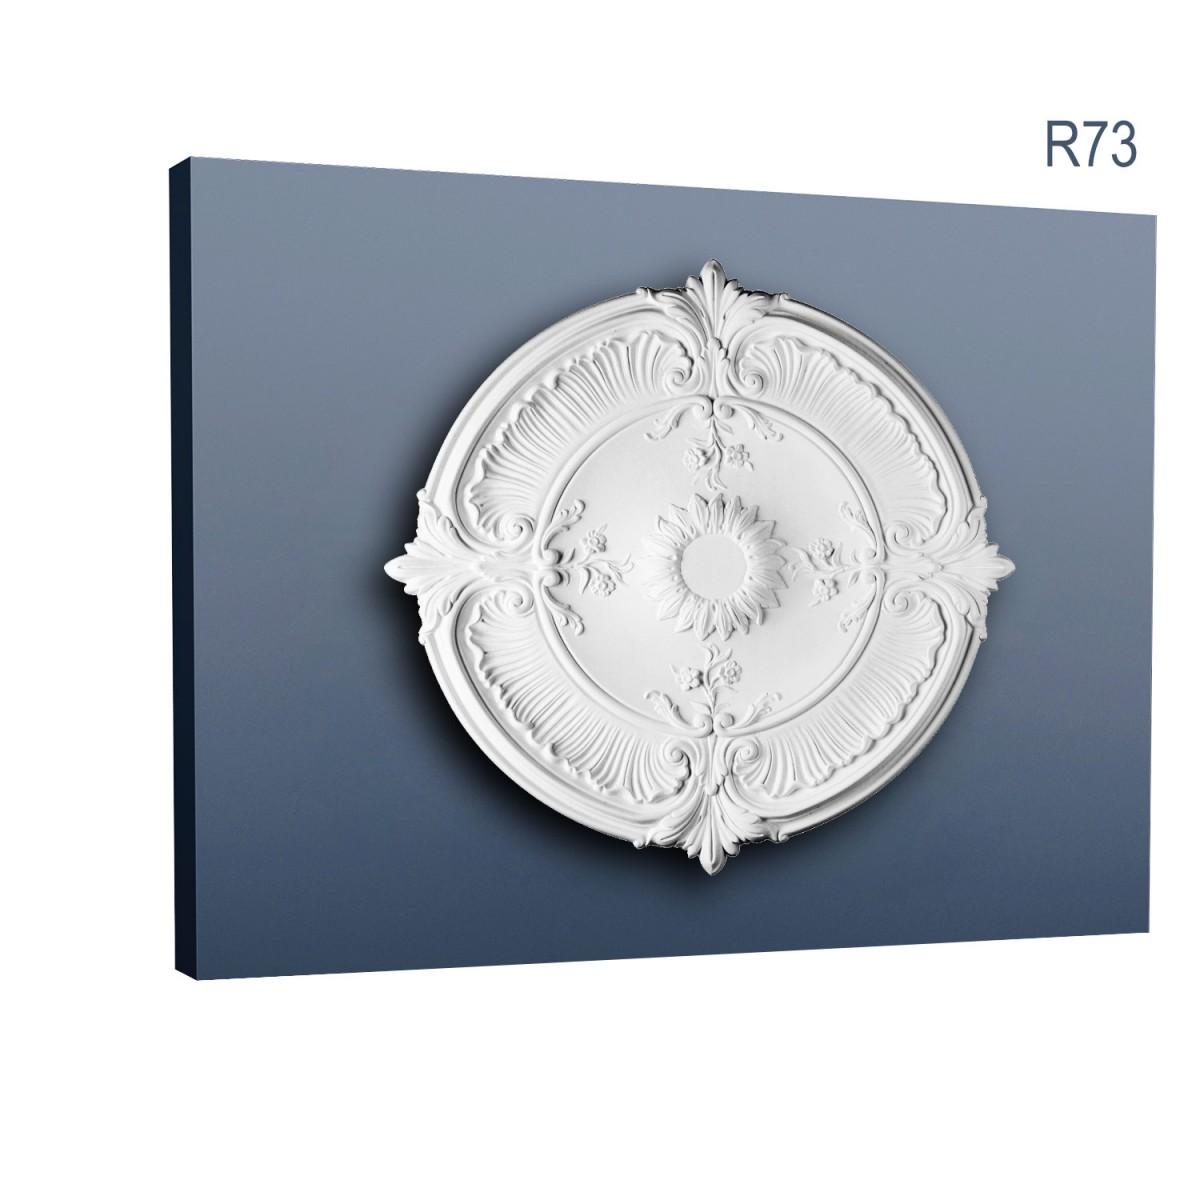 Rozeta Luxxus R73, Dimensiuni: diam. 70 cm (H: 5,9 cm), Orac Decor